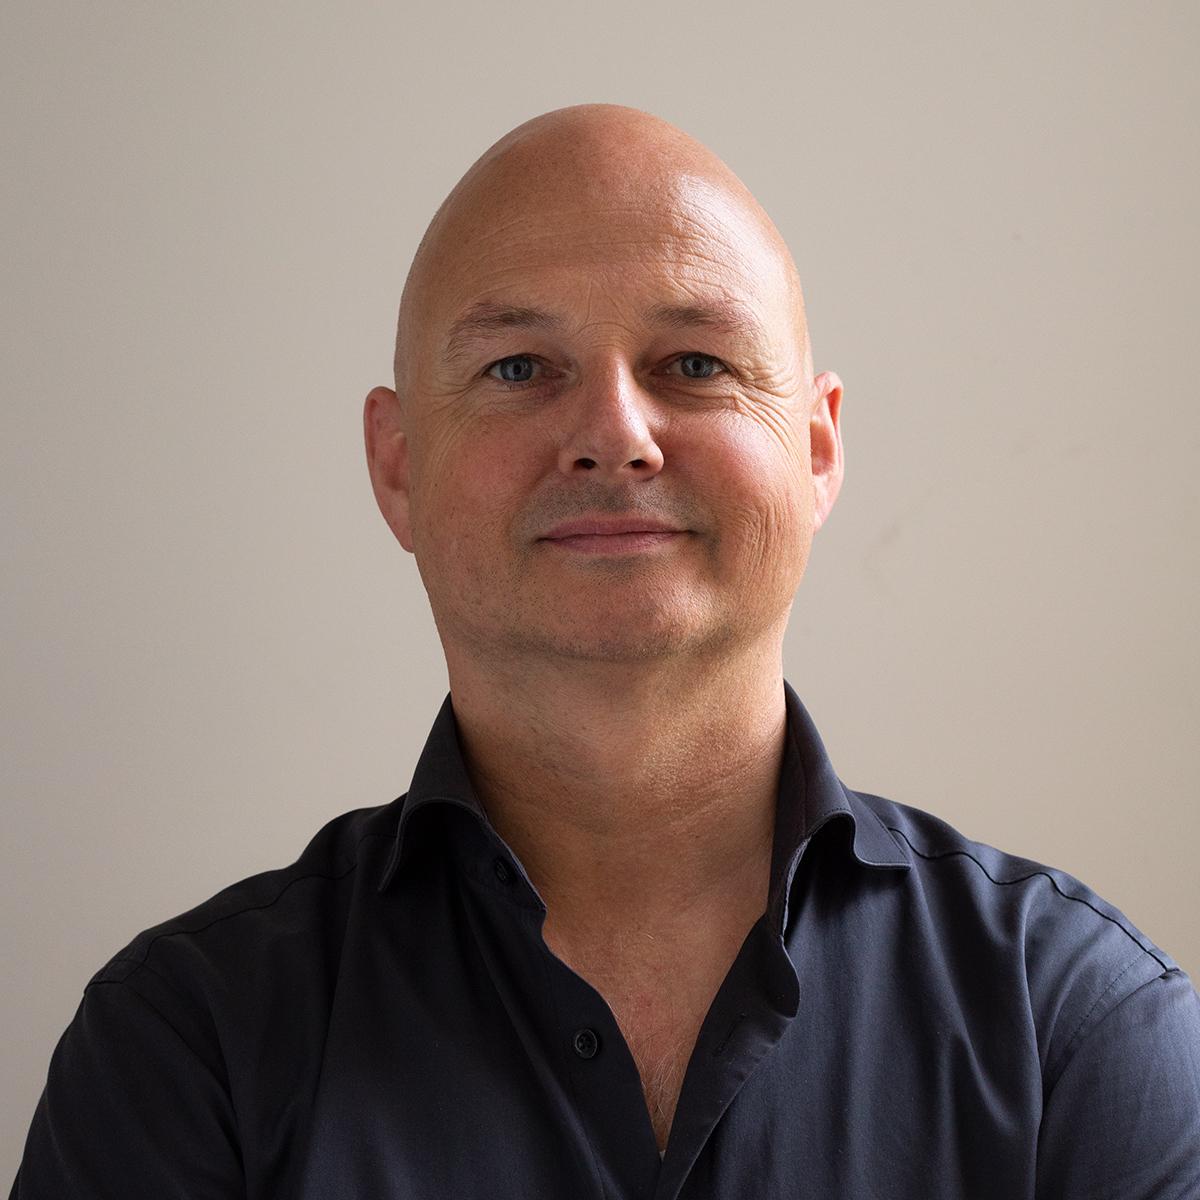 Piet van der Meer @ Grumpy Dutch